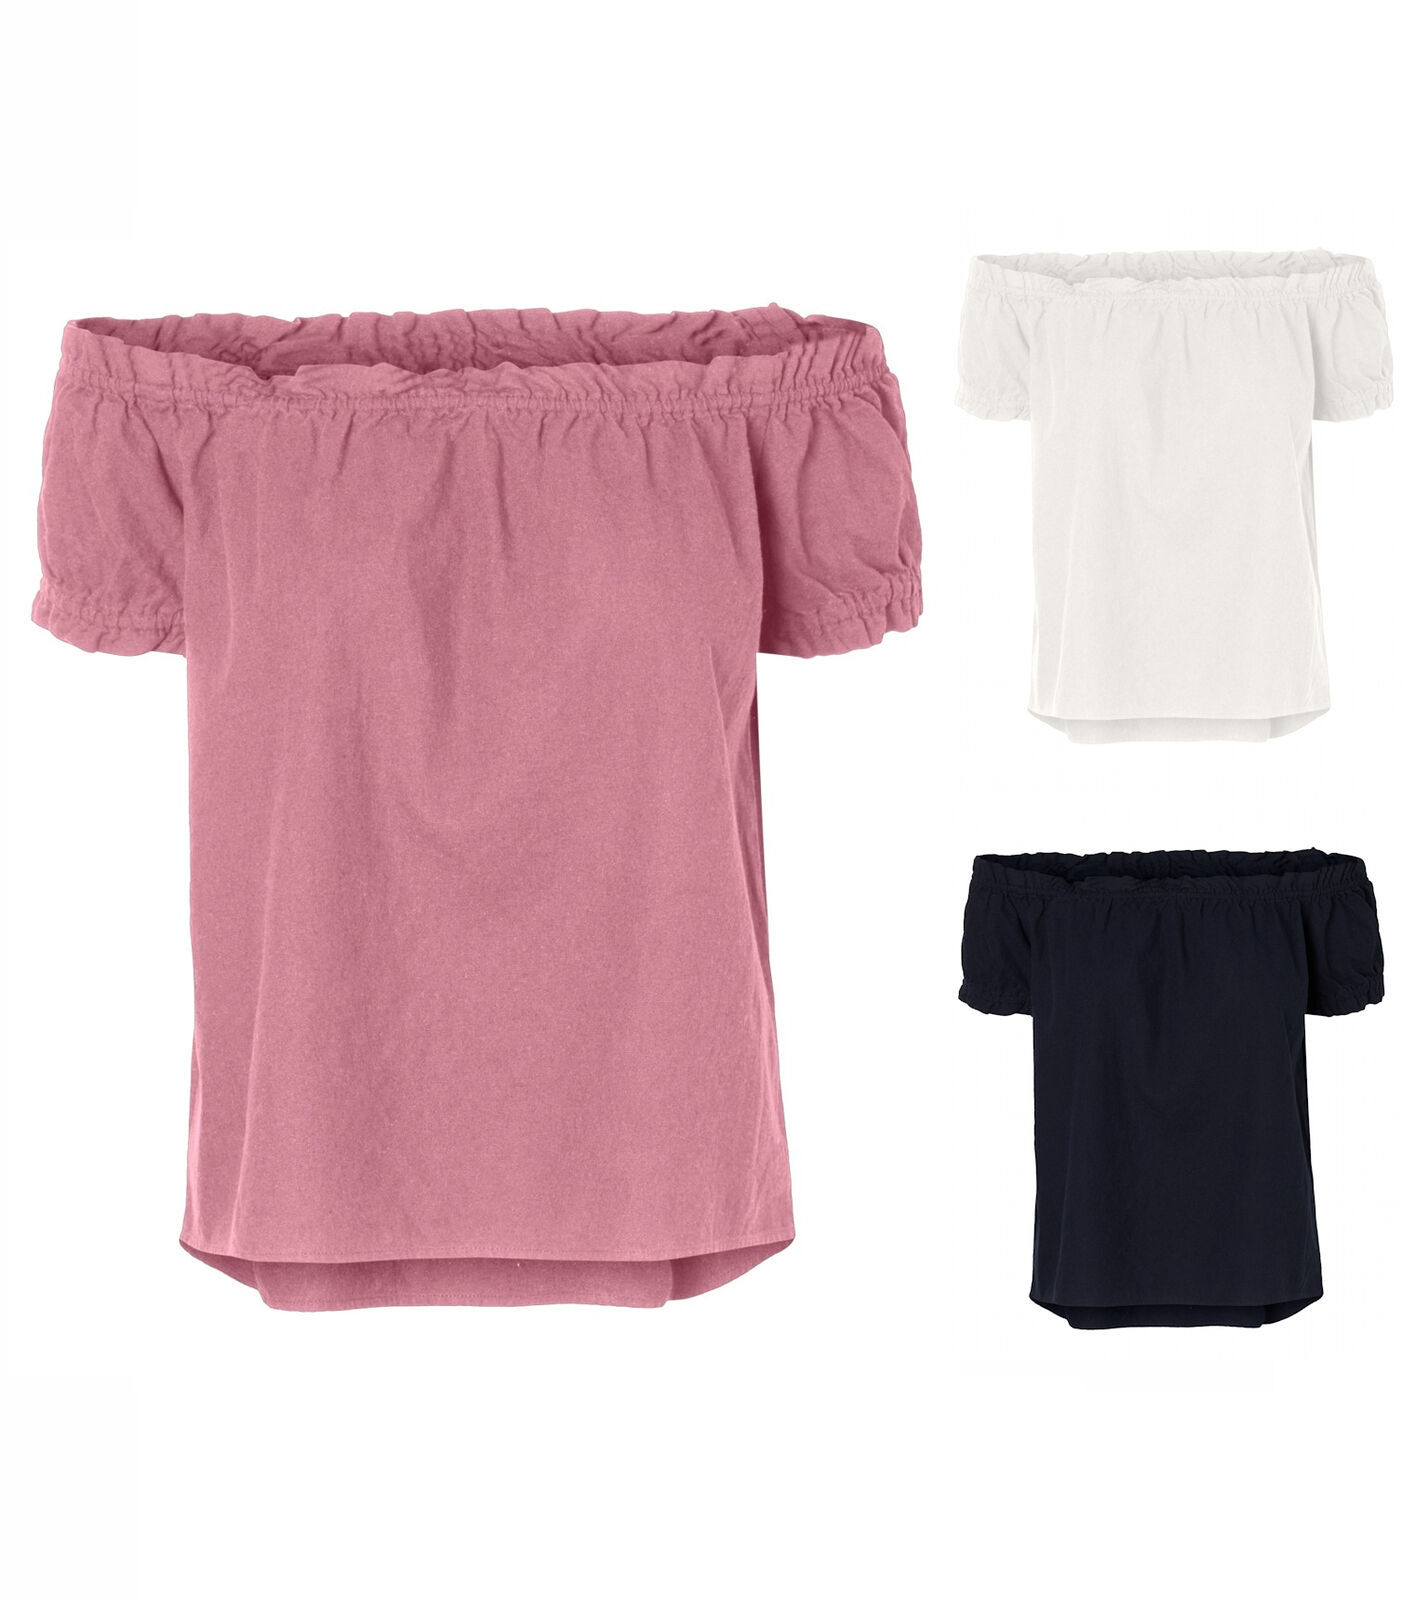 Vero Moda Damen Top vmAnna - ohne Schulter in uni weiß blau und rosa